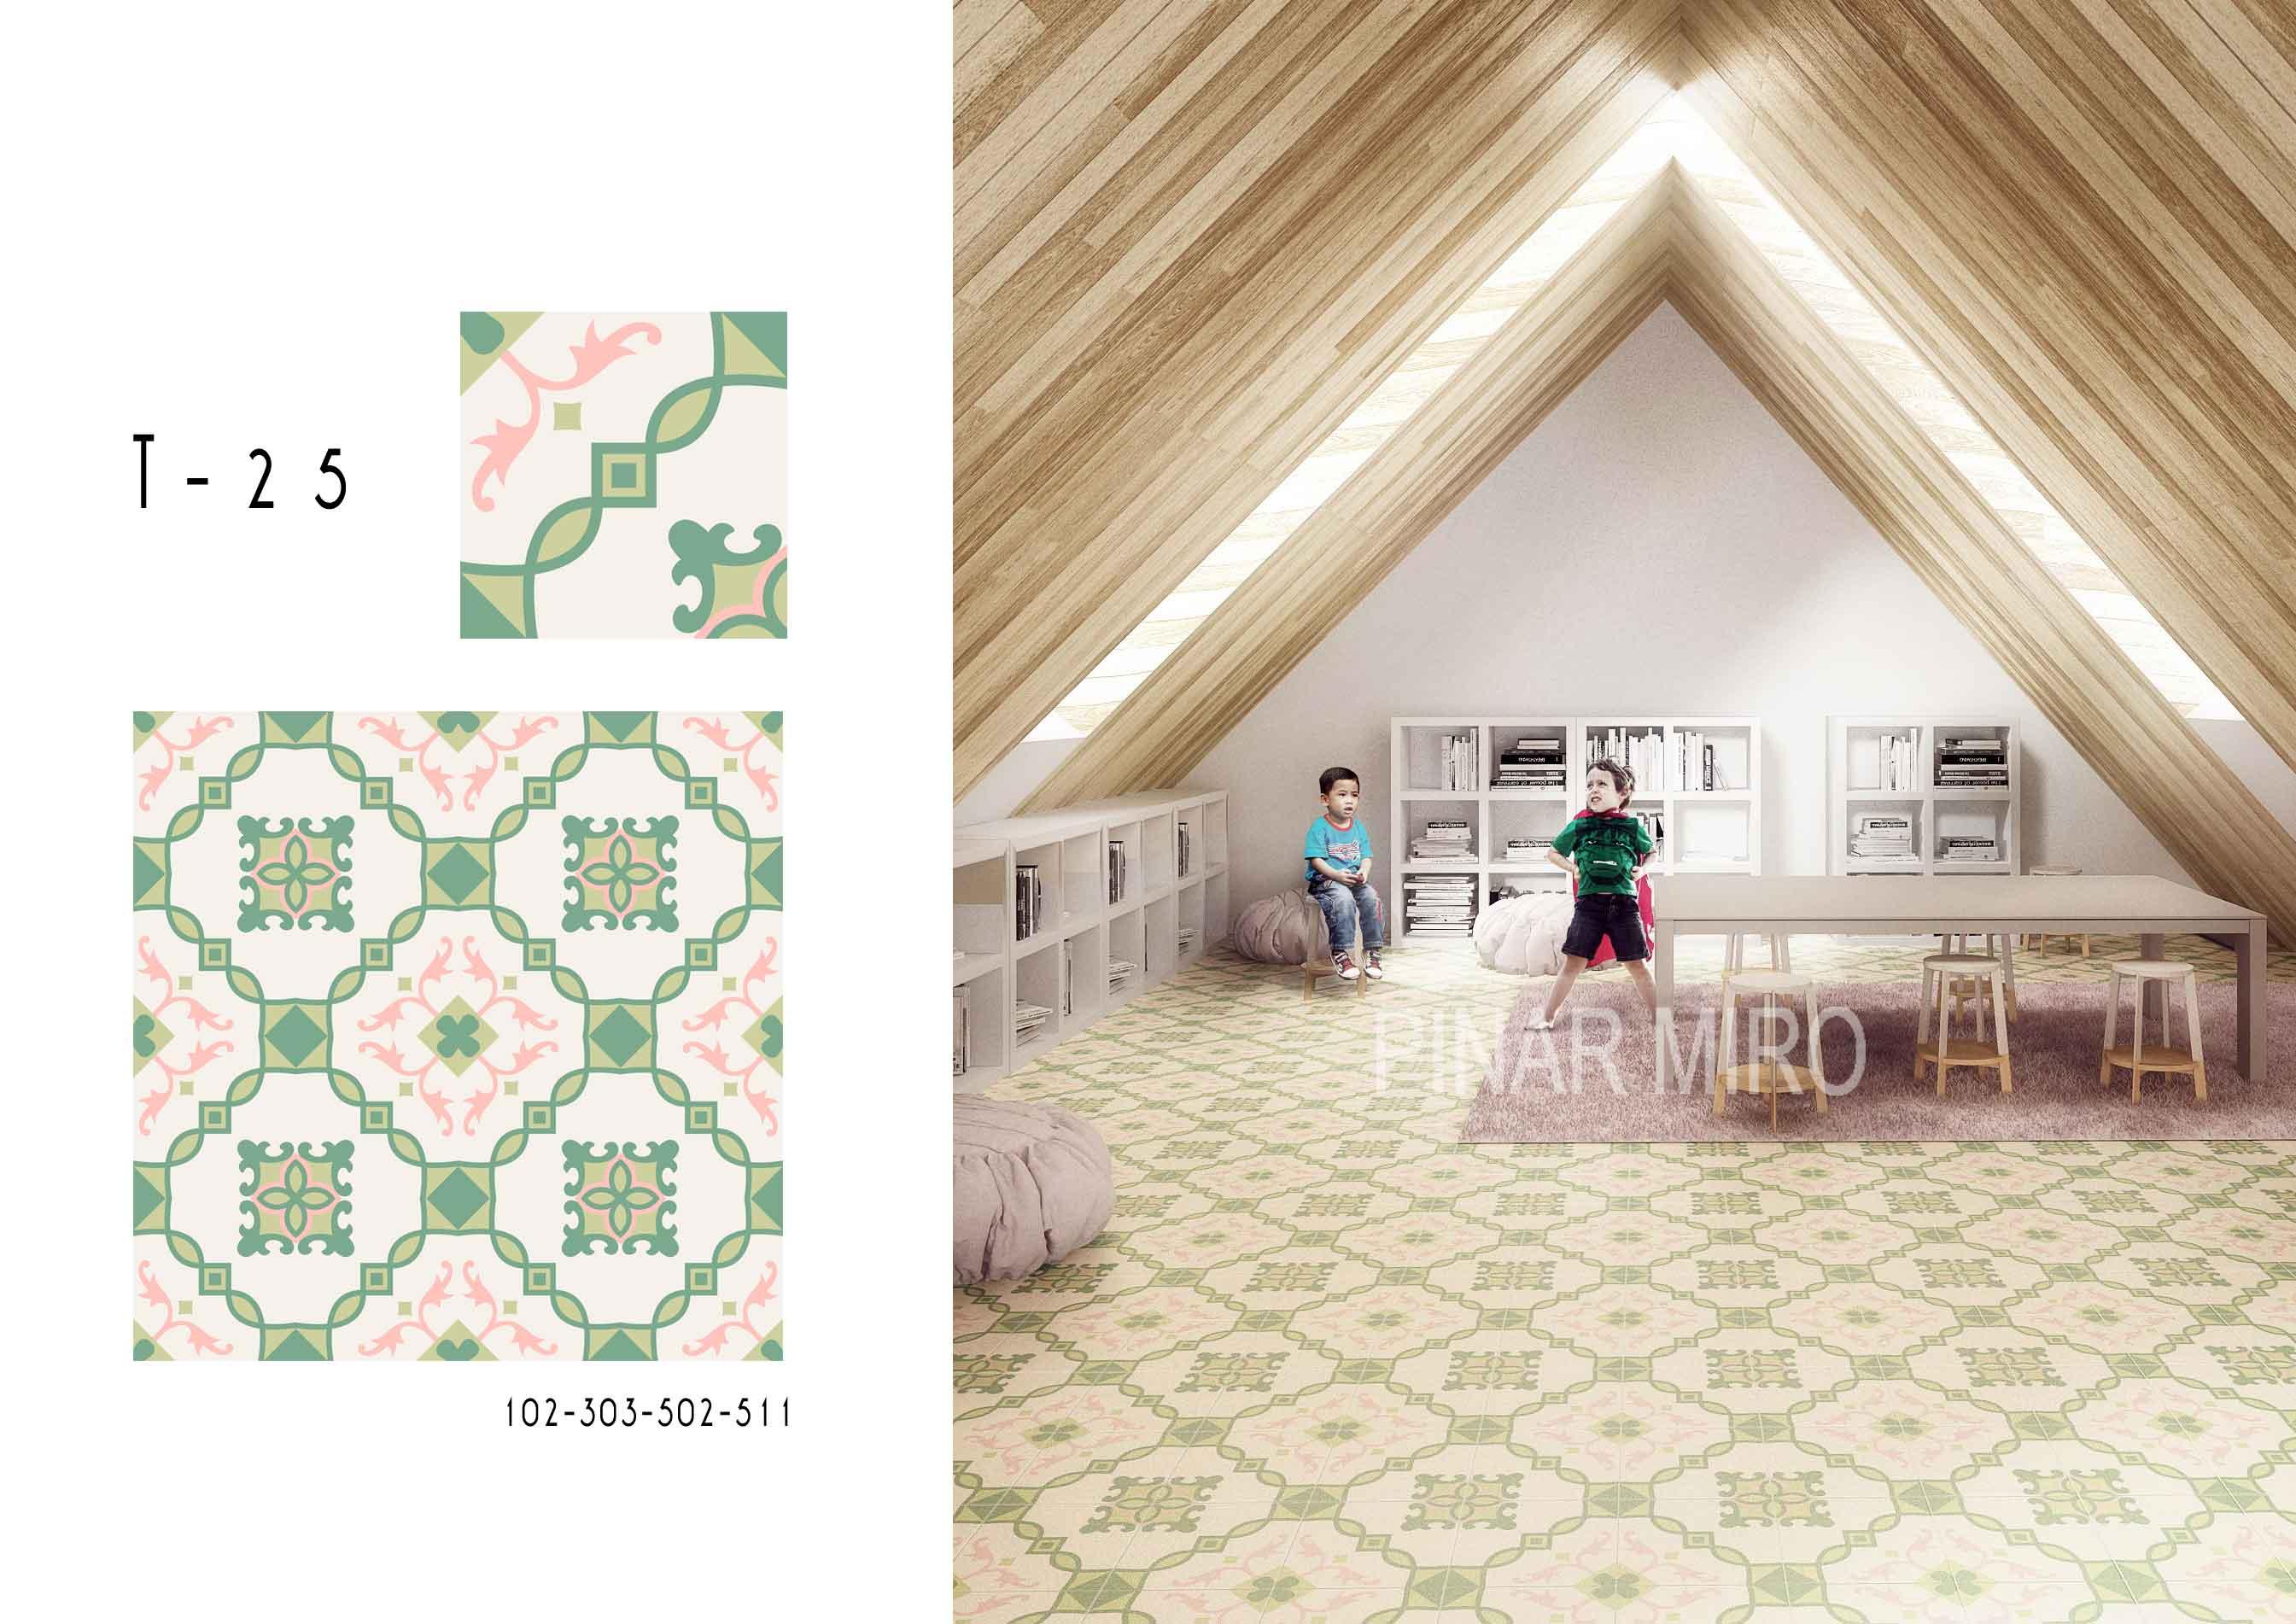 1t025-pinar-miro-cement-tiles